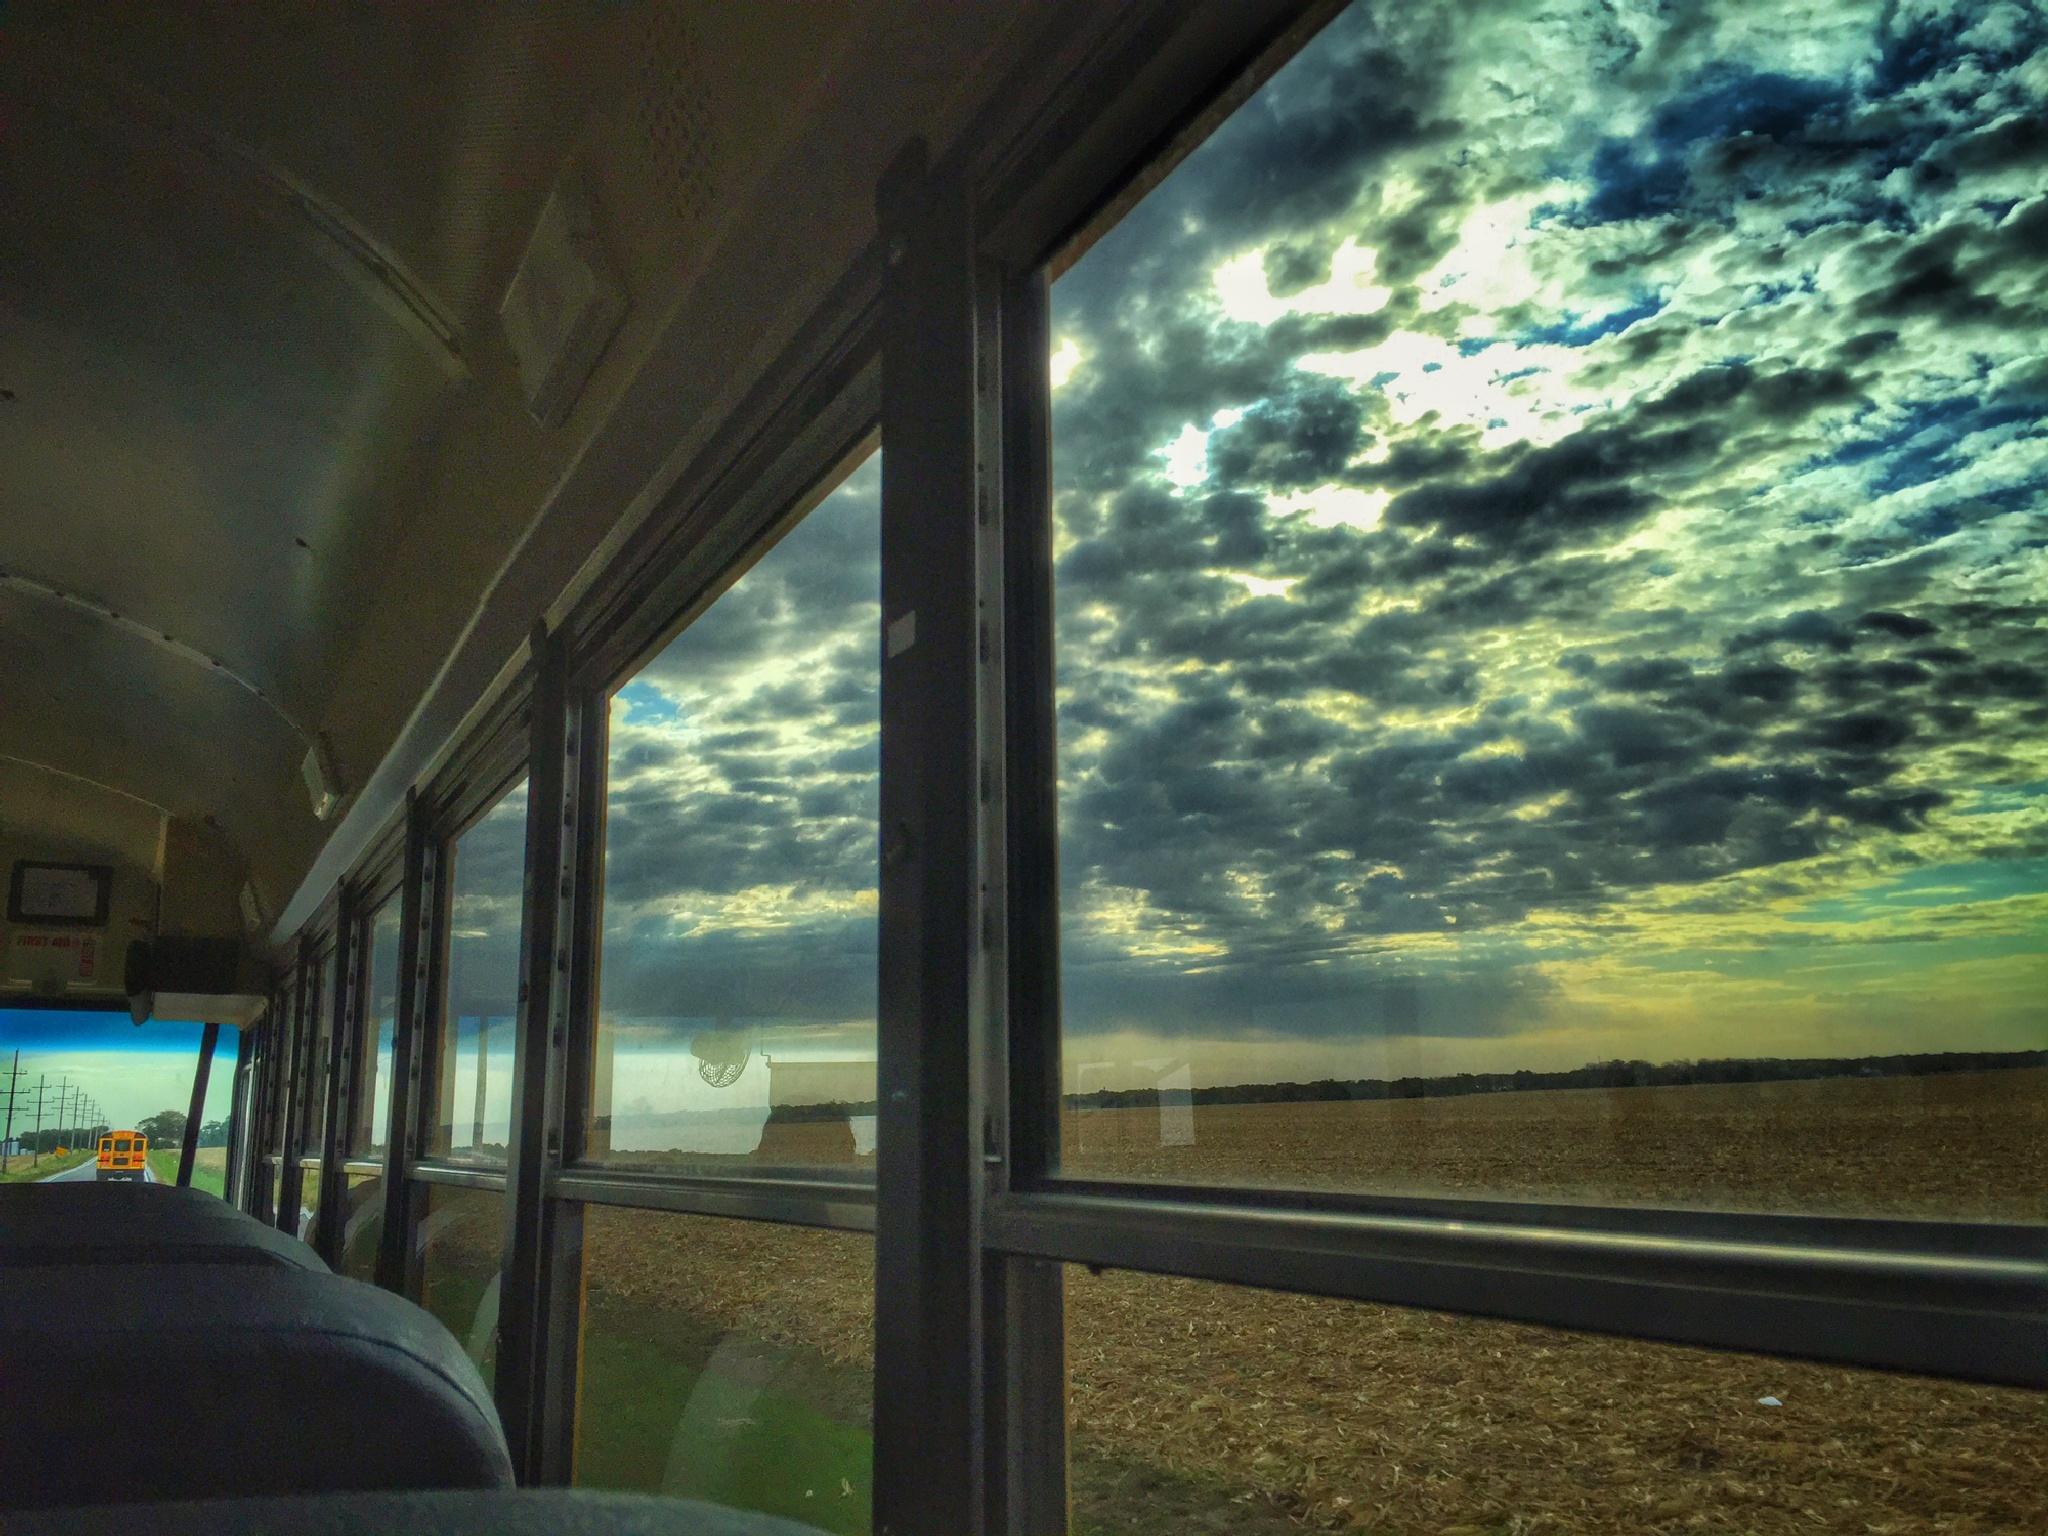 Memories of a Bus Ride by rickferris